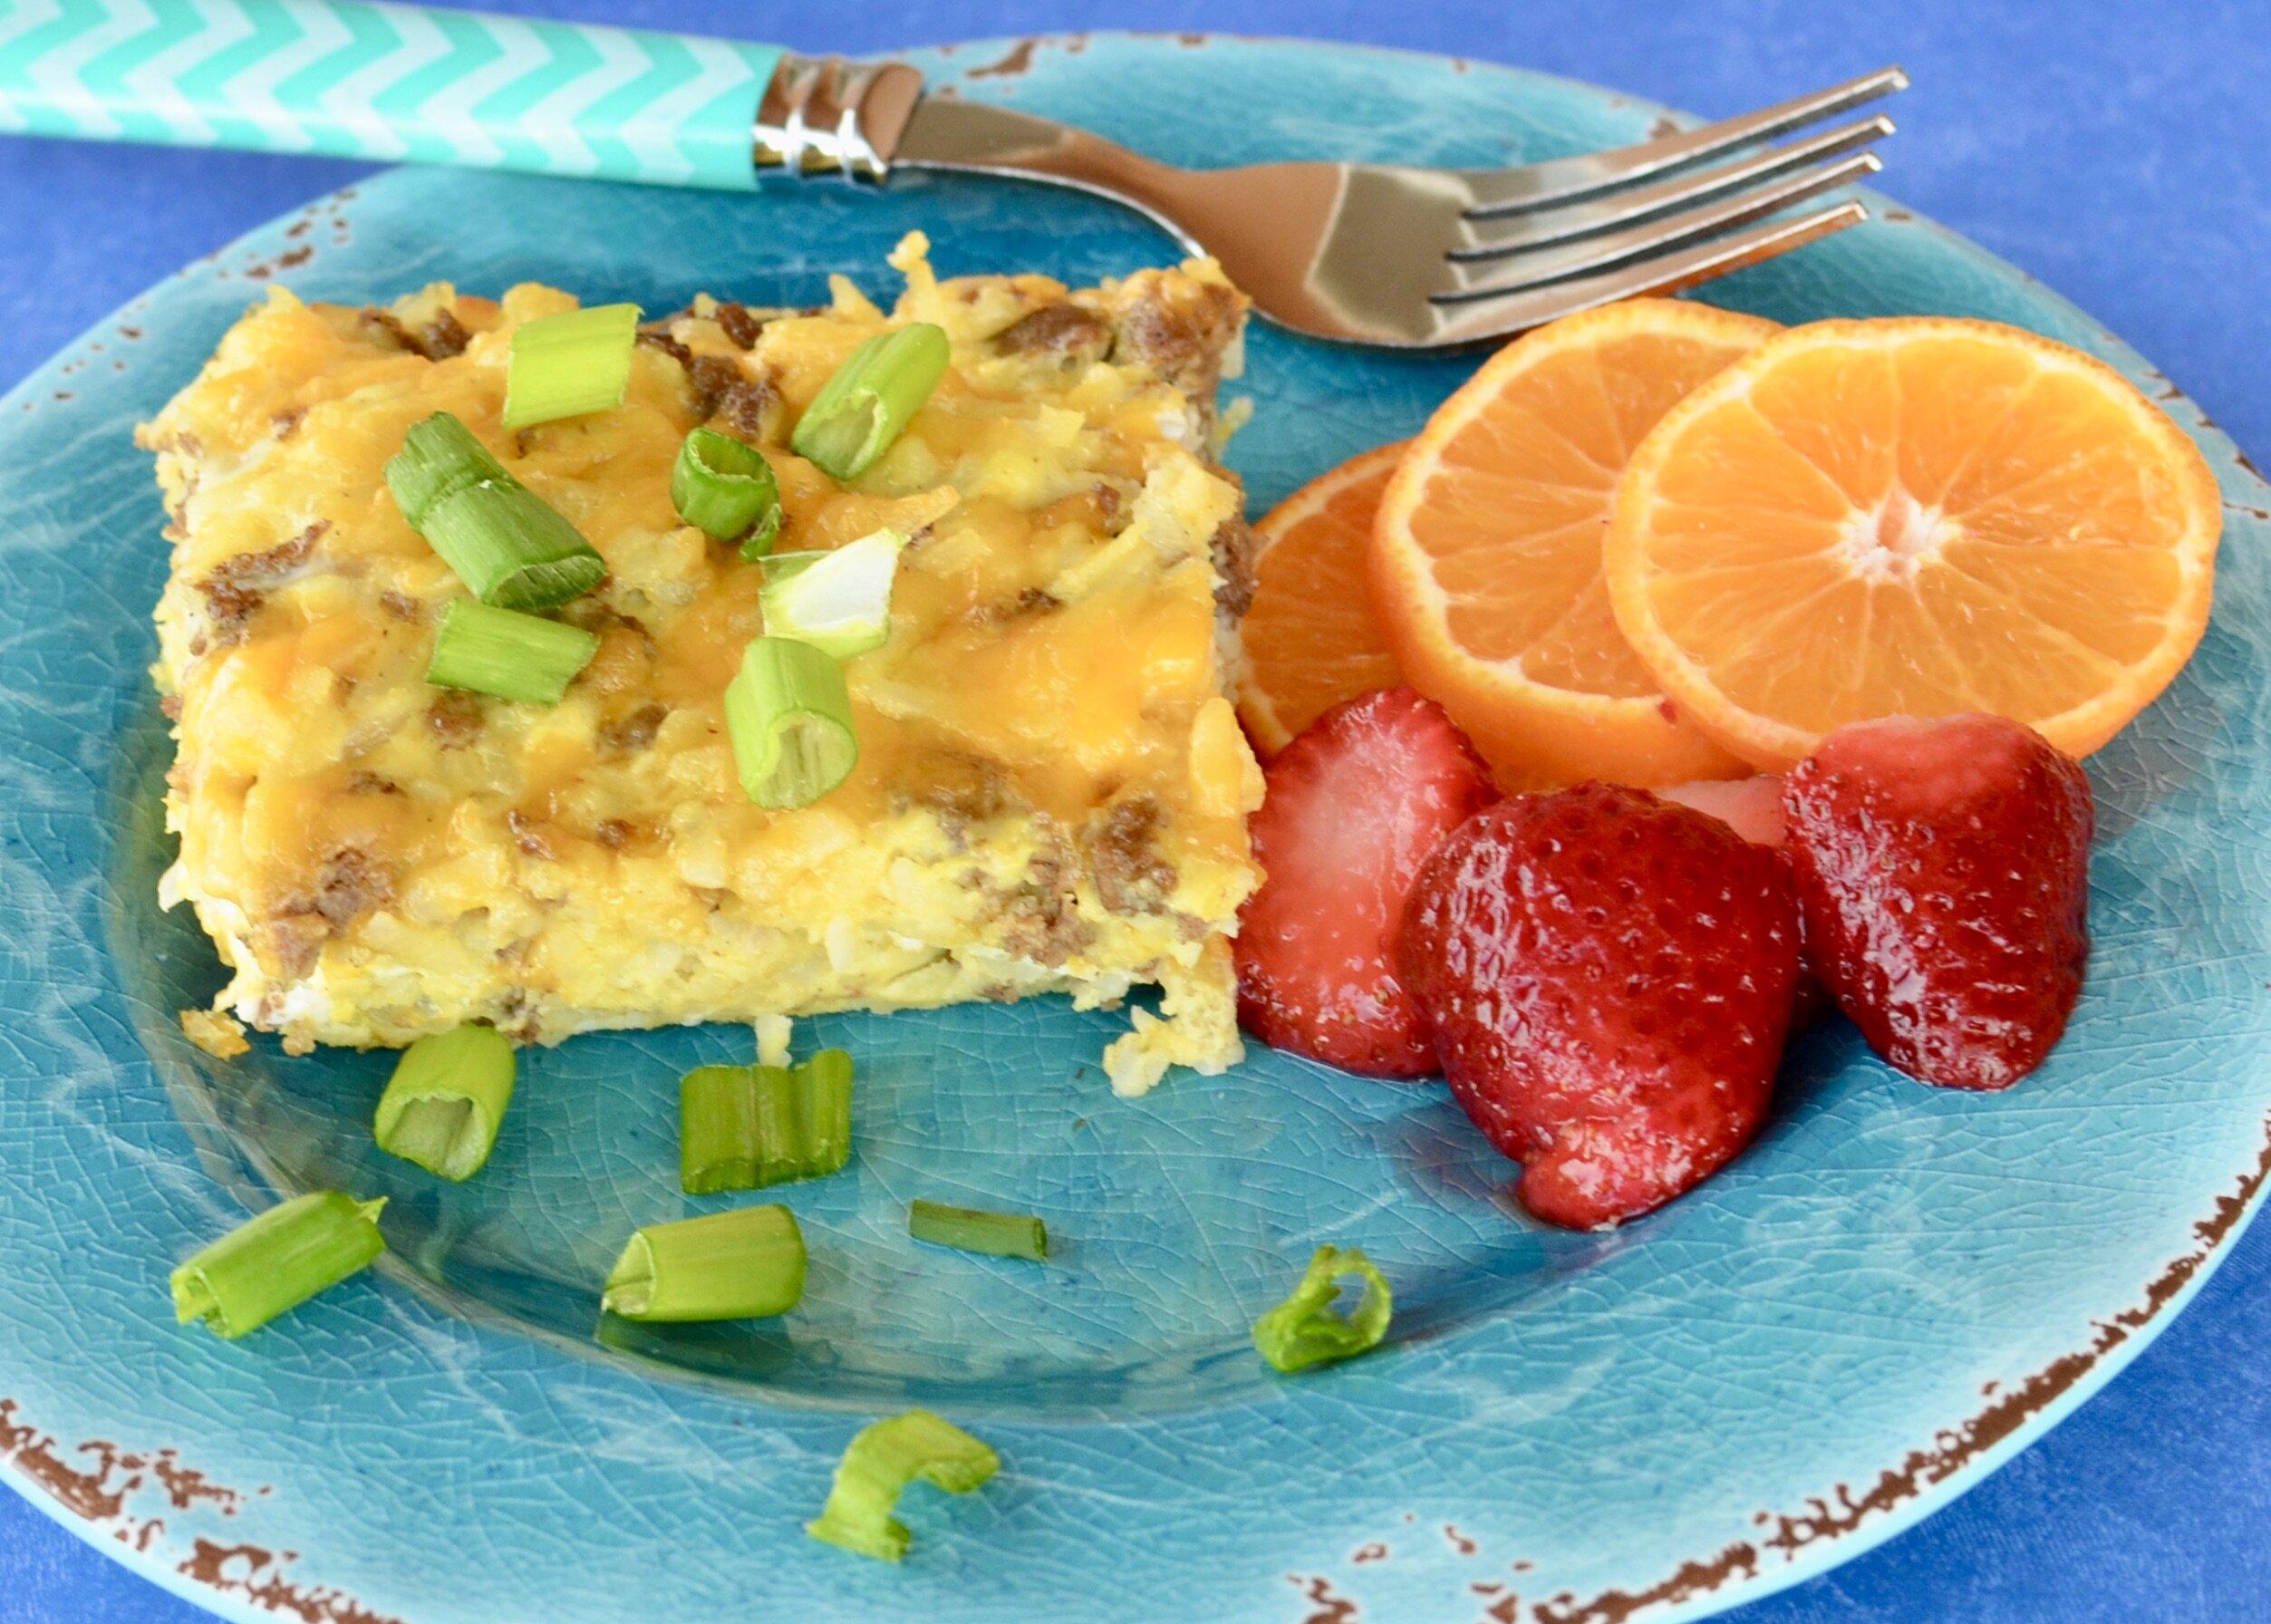 cheesy sausage and potato breakfast casserole recipe